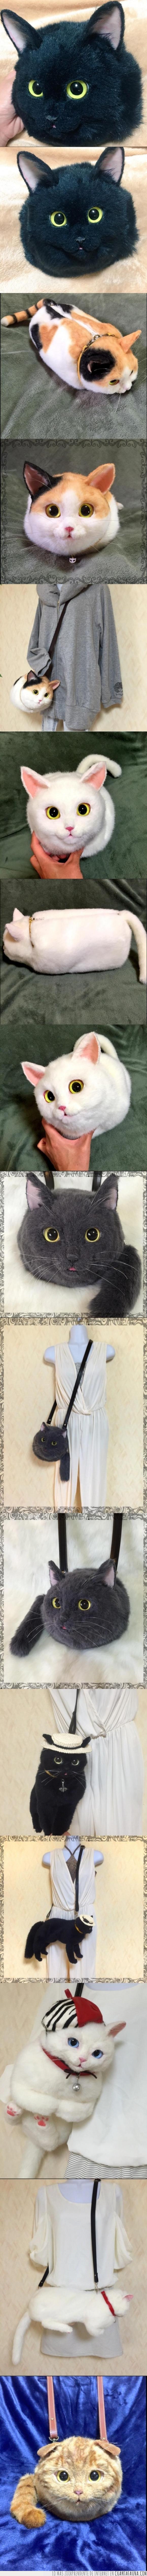 artista,bolso,gato,hiperrealismo,hiperrealista,japón,japonés